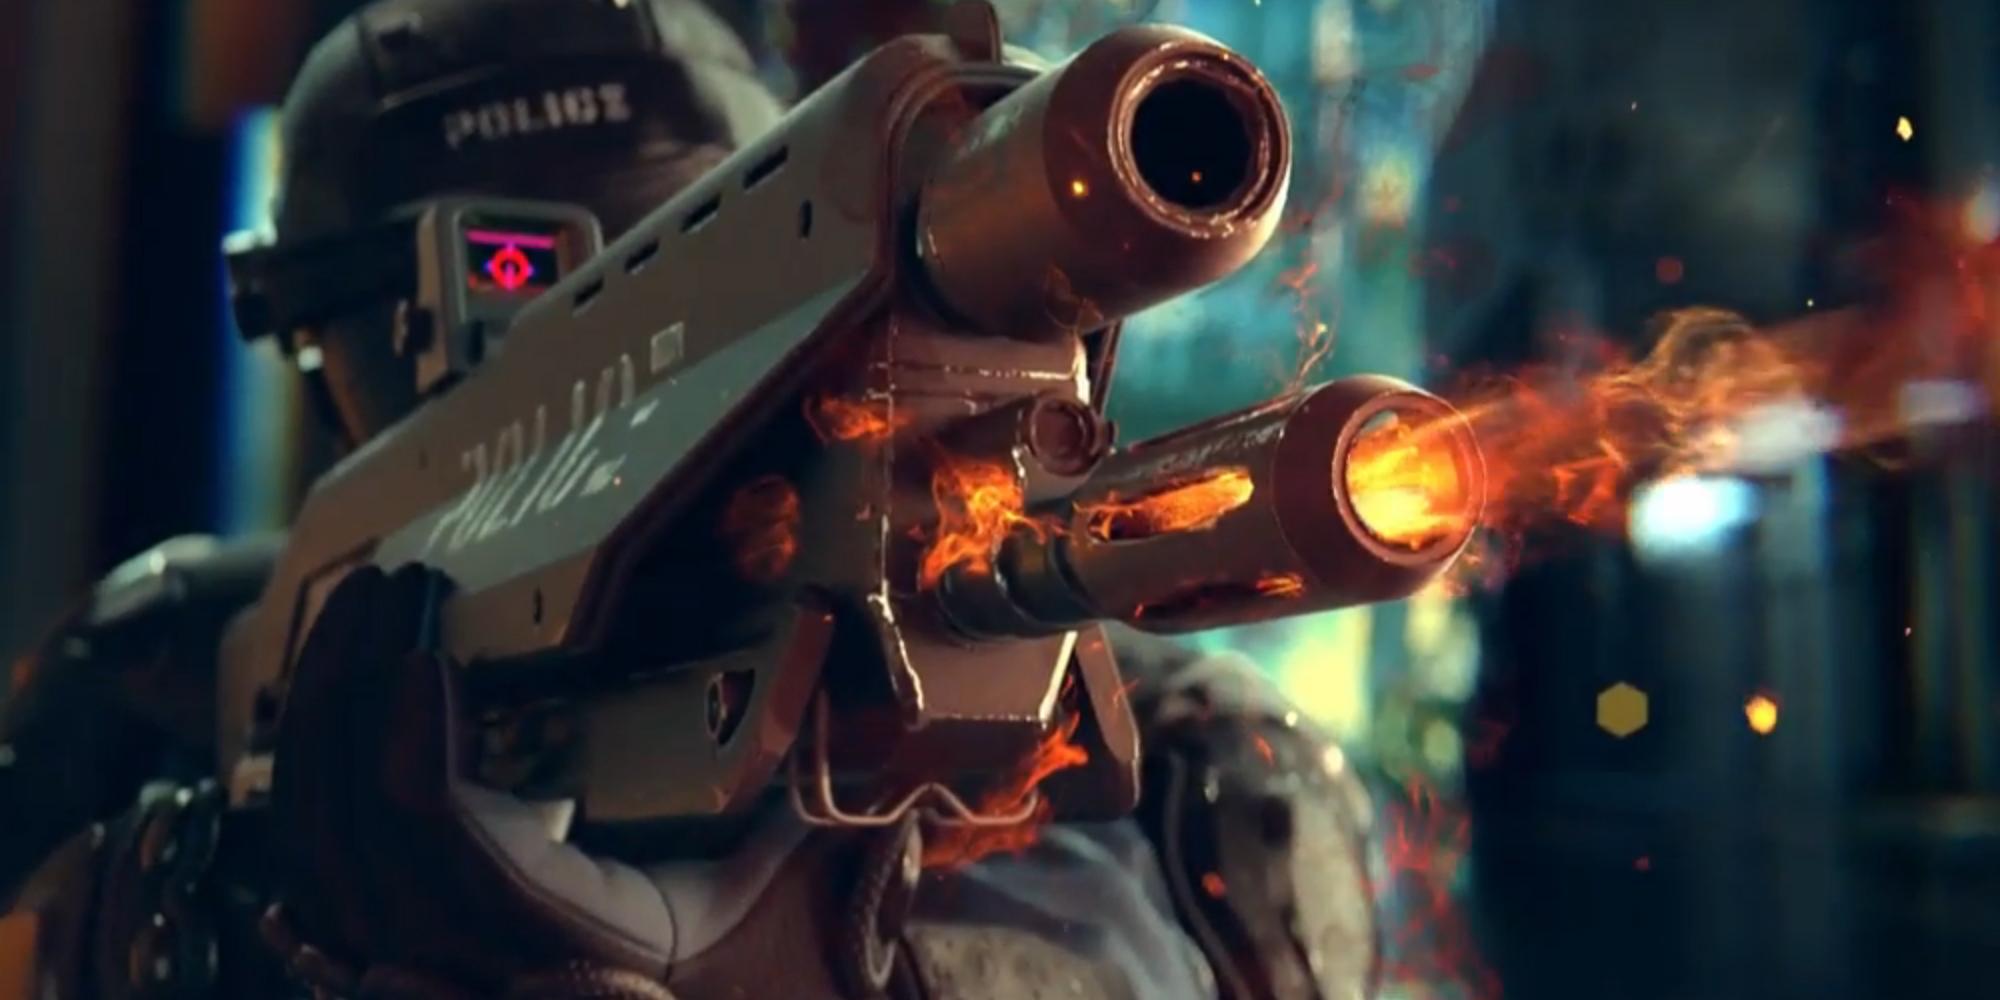 Cyberpunk 2077 release date in Melbourne